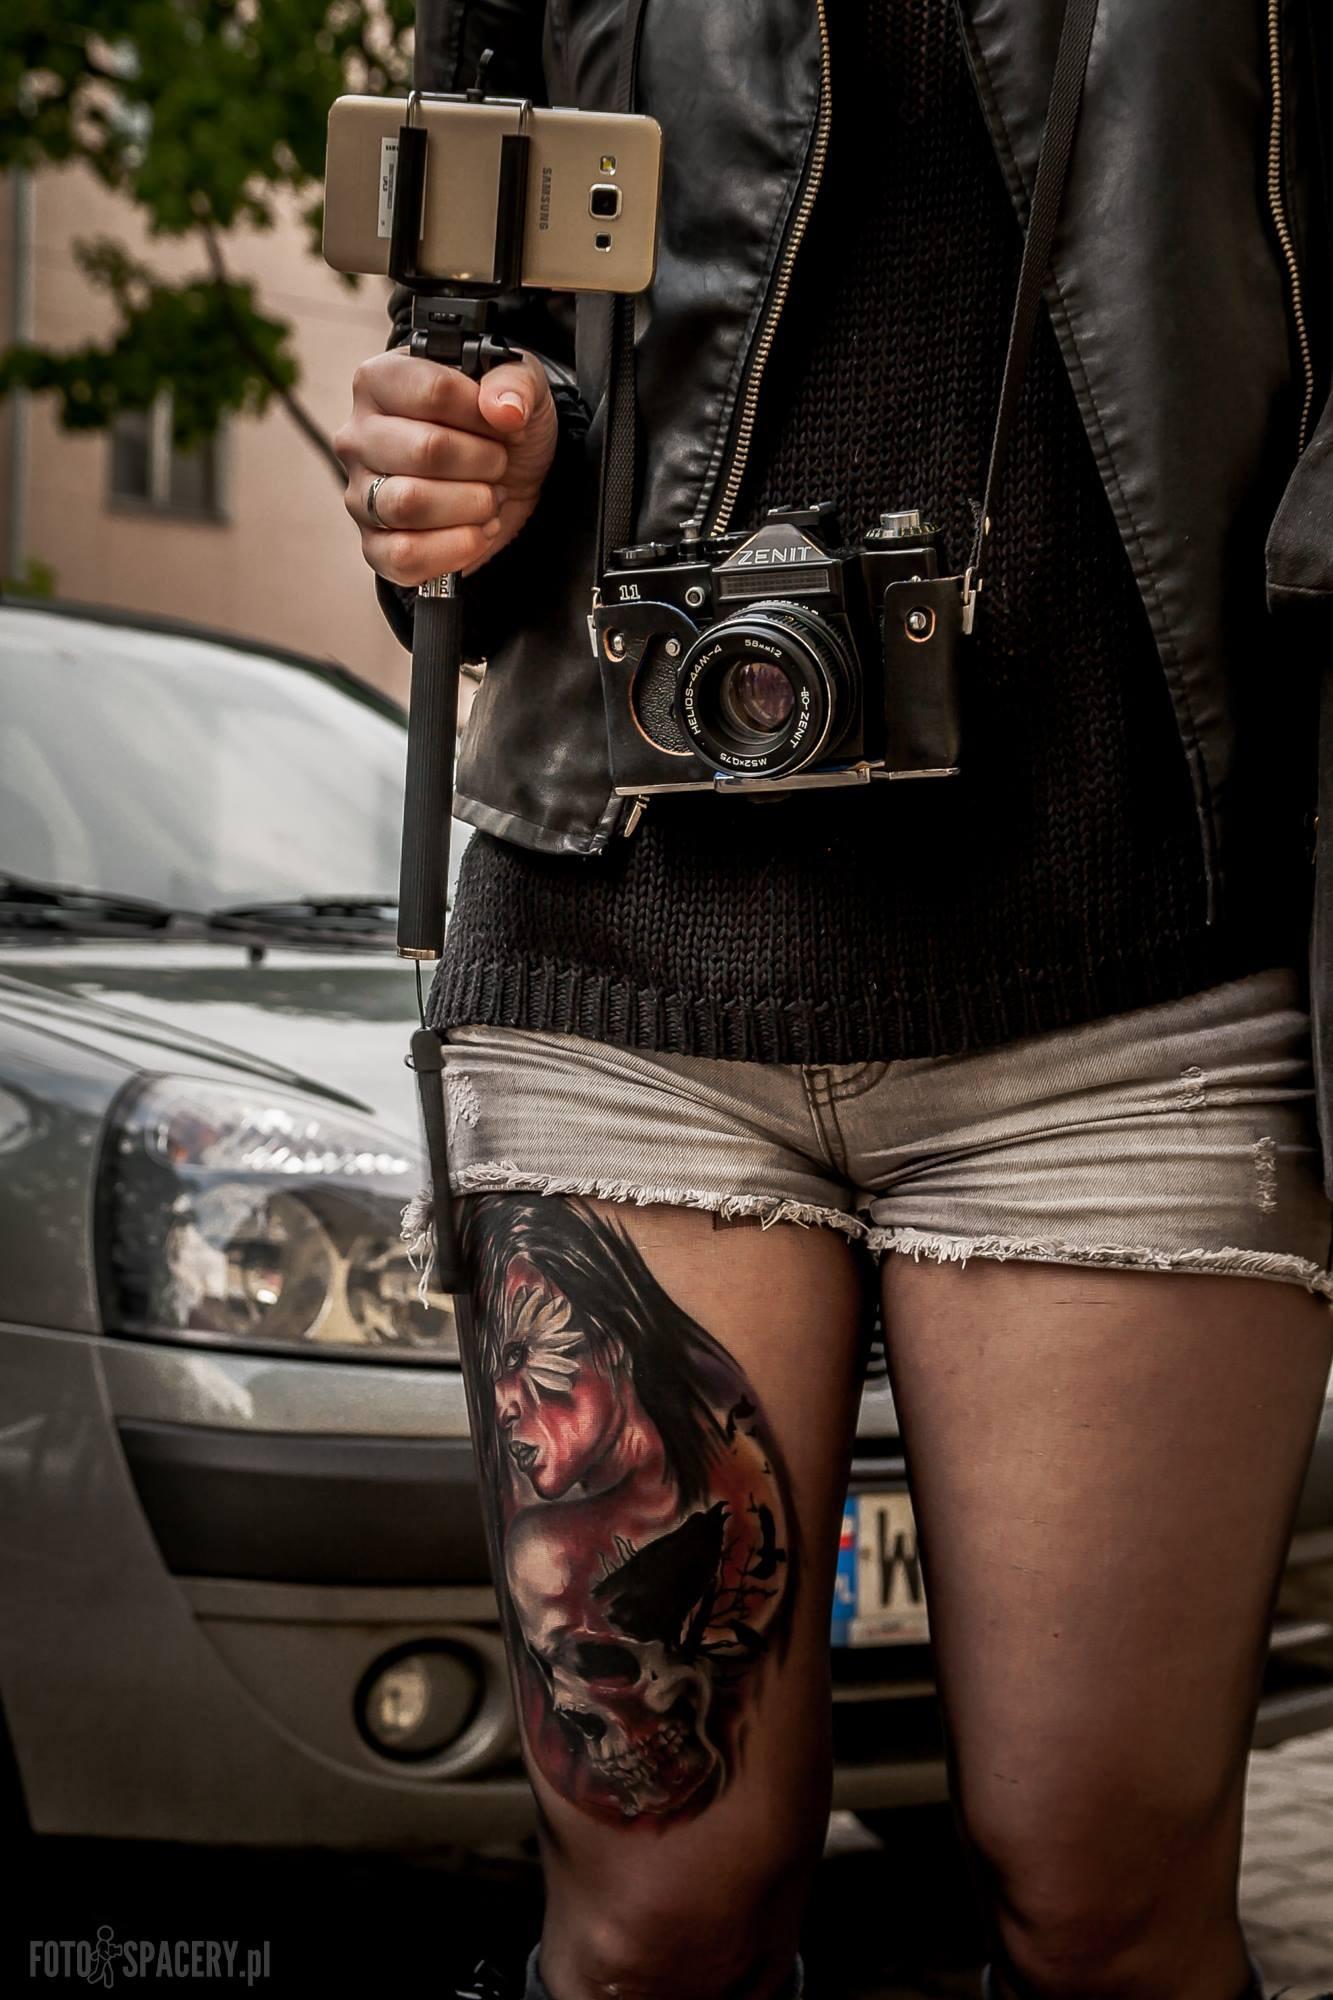 """Takie tam """"spotkanie"""" na jednym z Fotospacerów: jeden z najnowszych smartfonów Samsunga (na kijku do selfie) oraz… Zenit. Fot. Arek Uriasz."""